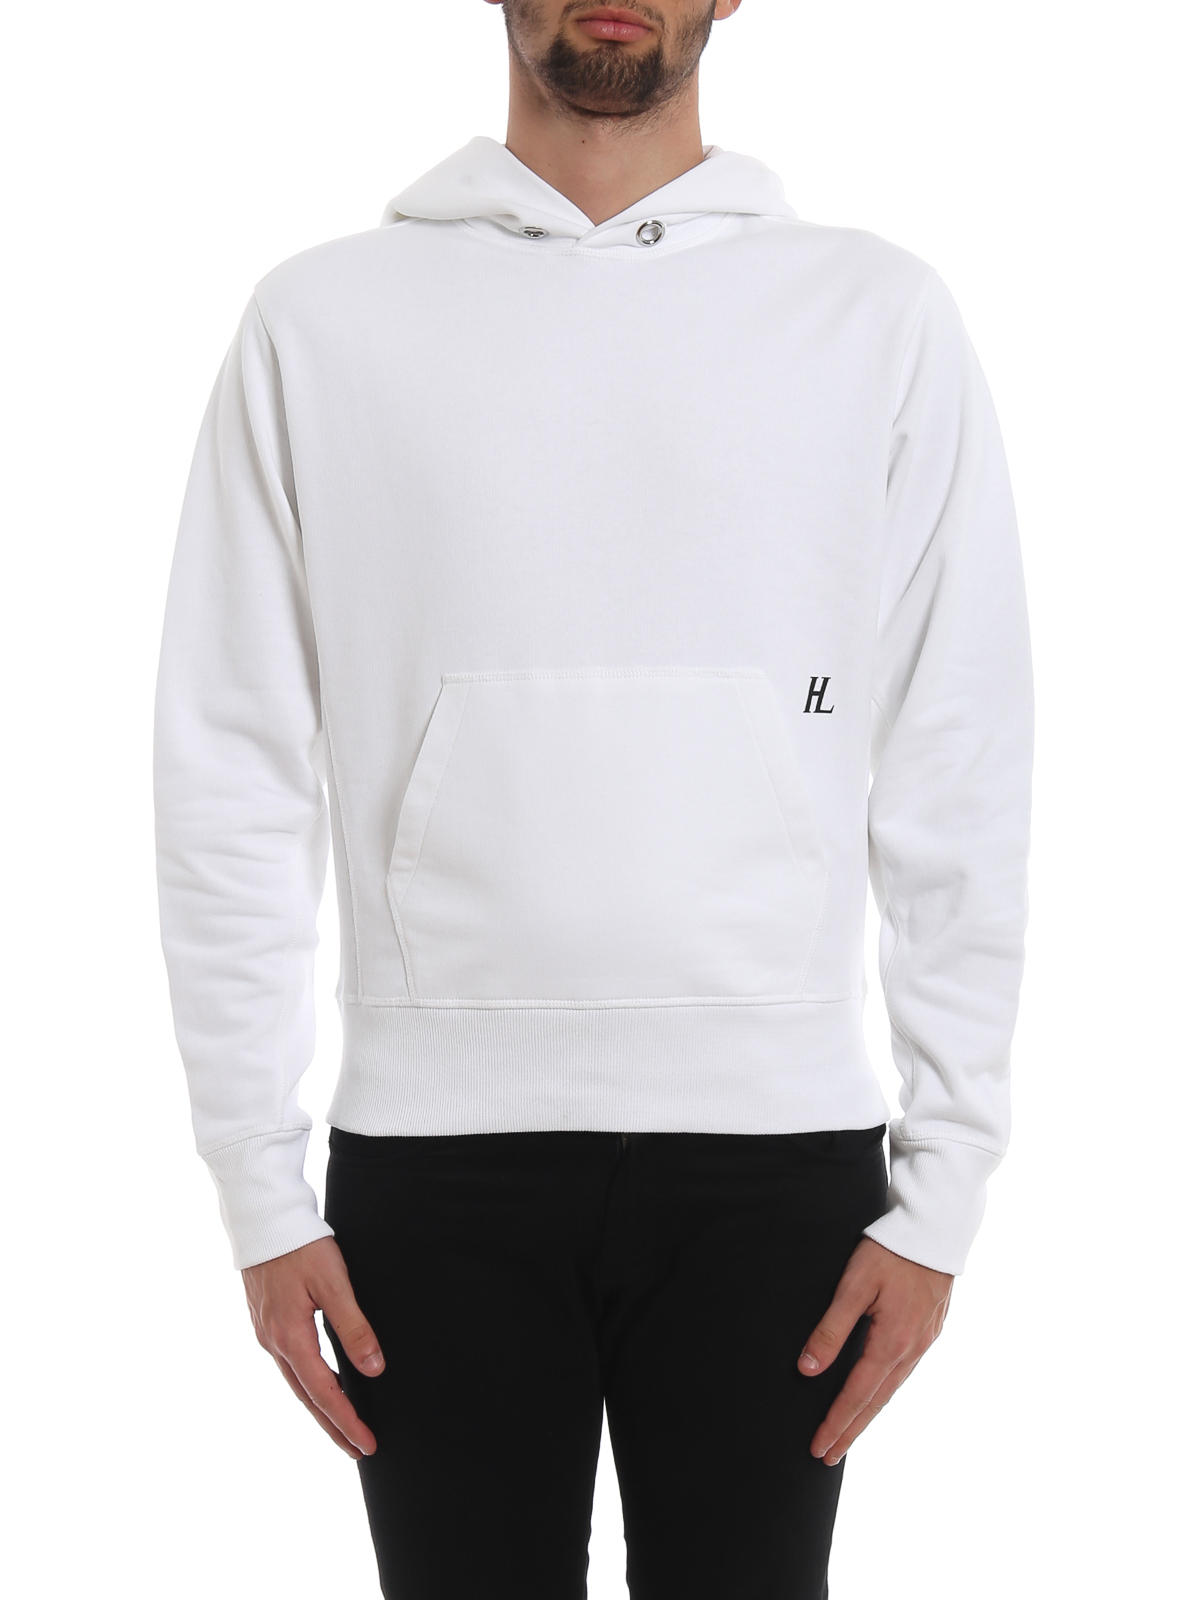 Helmut Lang Sweatshirt Weiß Sweatshirts und Pullover